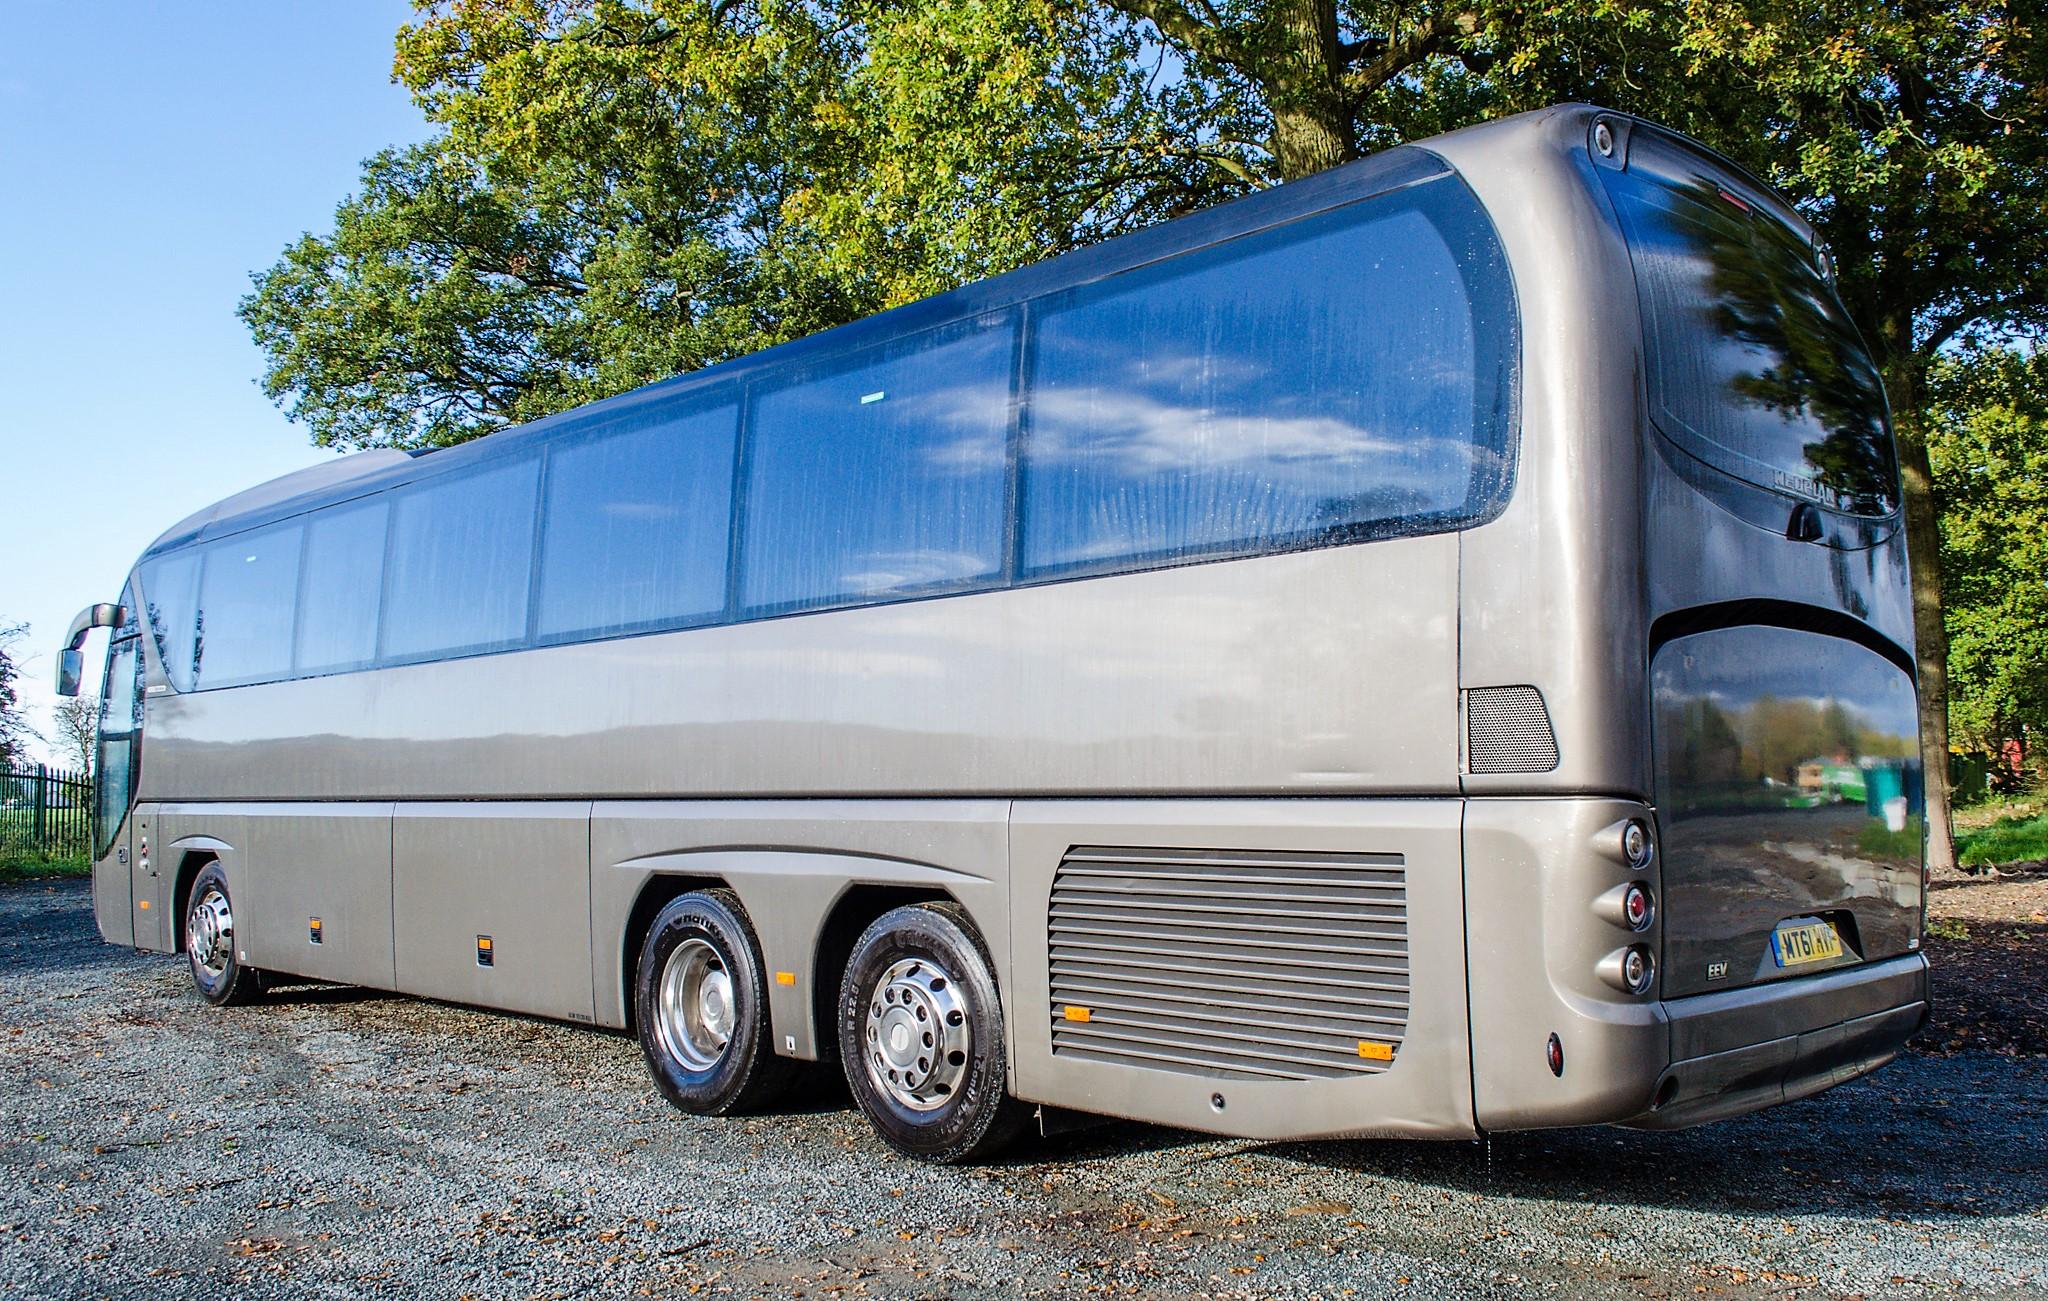 MAN Neoplan Tourliner 53 seat luxury coach Registration Number: MT61 HVF Date of Registration: 01/ - Image 3 of 21